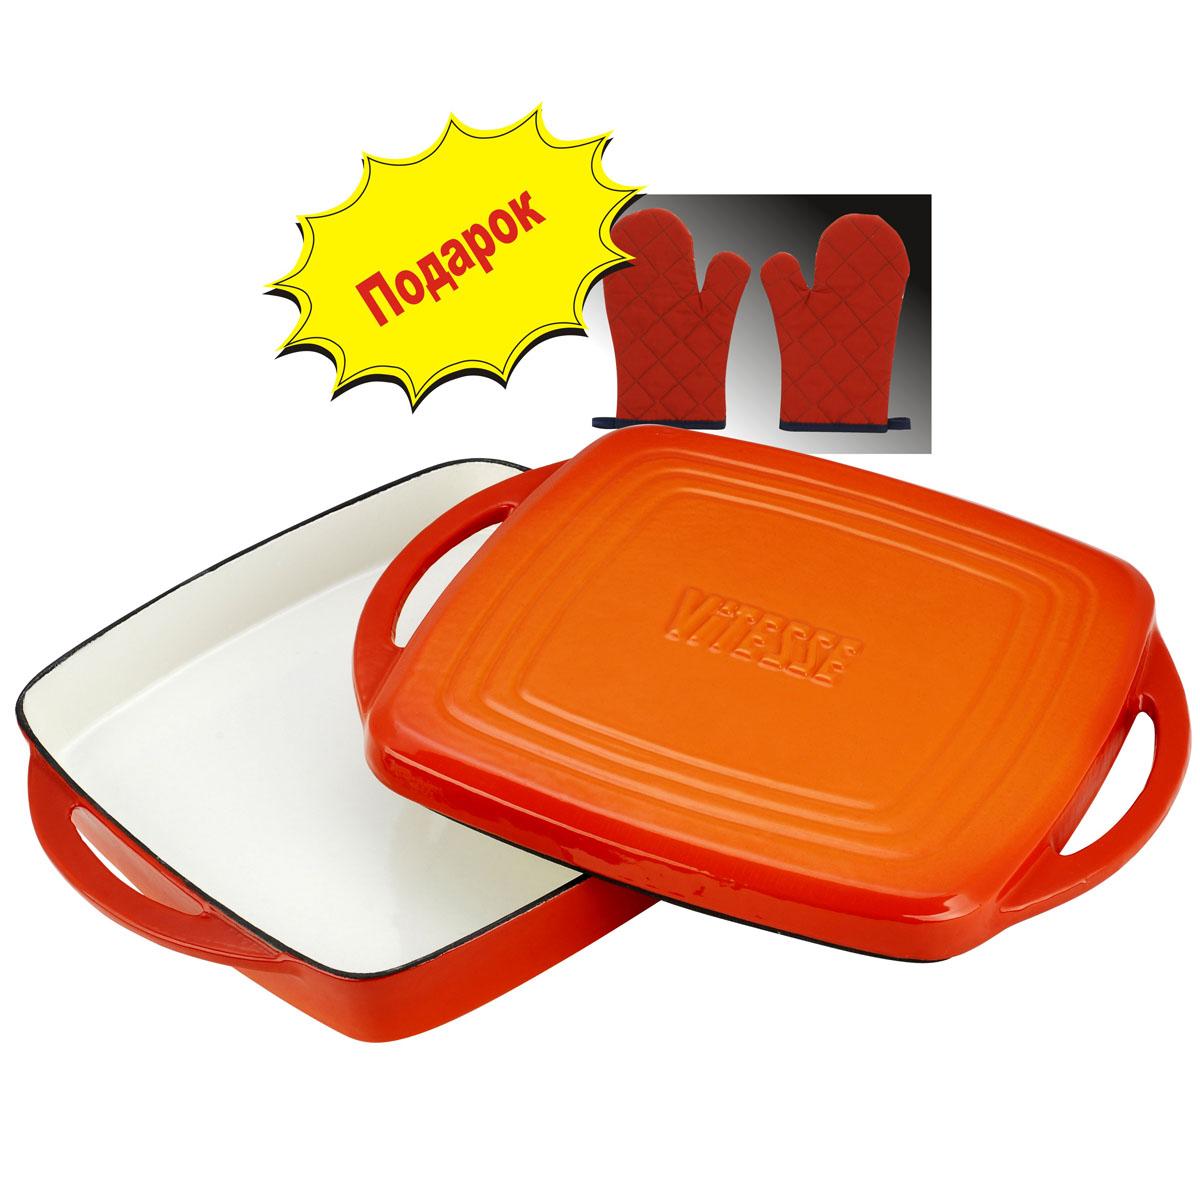 Жаровня Vitesse Ferro с крышкой-сковородой, цвет: оранжевый, 27 х 27 см + ПОДАРОК: Кухонные рукавицы, 2 шт115510Жаровня Vitesse Ferro изготовлена из чугуна с эмалированной внутренней и внешней поверхностью. Эмалированный чугун - это железо, на которое наложено прочное стекловидное эмалевое покрытие. Такая посуда отлично подходит для приготовления традиционной здоровой пищи. Чугун является наилучшим материалом, который долго удерживает и равномерно распределяет тепло. Благодаря особым качествам эмали, чем дольше вы используете посуду, тем лучше становятся ее эксплуатационные характеристики. Чугун обладает высокой прочностью, износоустойчивостью и антикоррозийными свойствами. Жаровня оснащена цельнолитыми чугунными ручками. Крышку очень удобно использовать как сковороду: рифленая поверхность создаст на продуктах аппетитную корочку. В подарок: - кухонные рукавицы.Можно готовить на газовых, электрических, стеклокерамических, галогенных, индукционных плитах. Подходит для мытья в посудомоечной машине и использования в духовом шкафу. Характеристики: Материал: чугун. Цвет: оранжевый, бежевый. Внутренний размер жаровни: 27 см х 27 см. Размер жаровни (с учетом ручек): 33 см х 27 см. Высота стенки: 4 см. Толщина стенки: 4 мм.